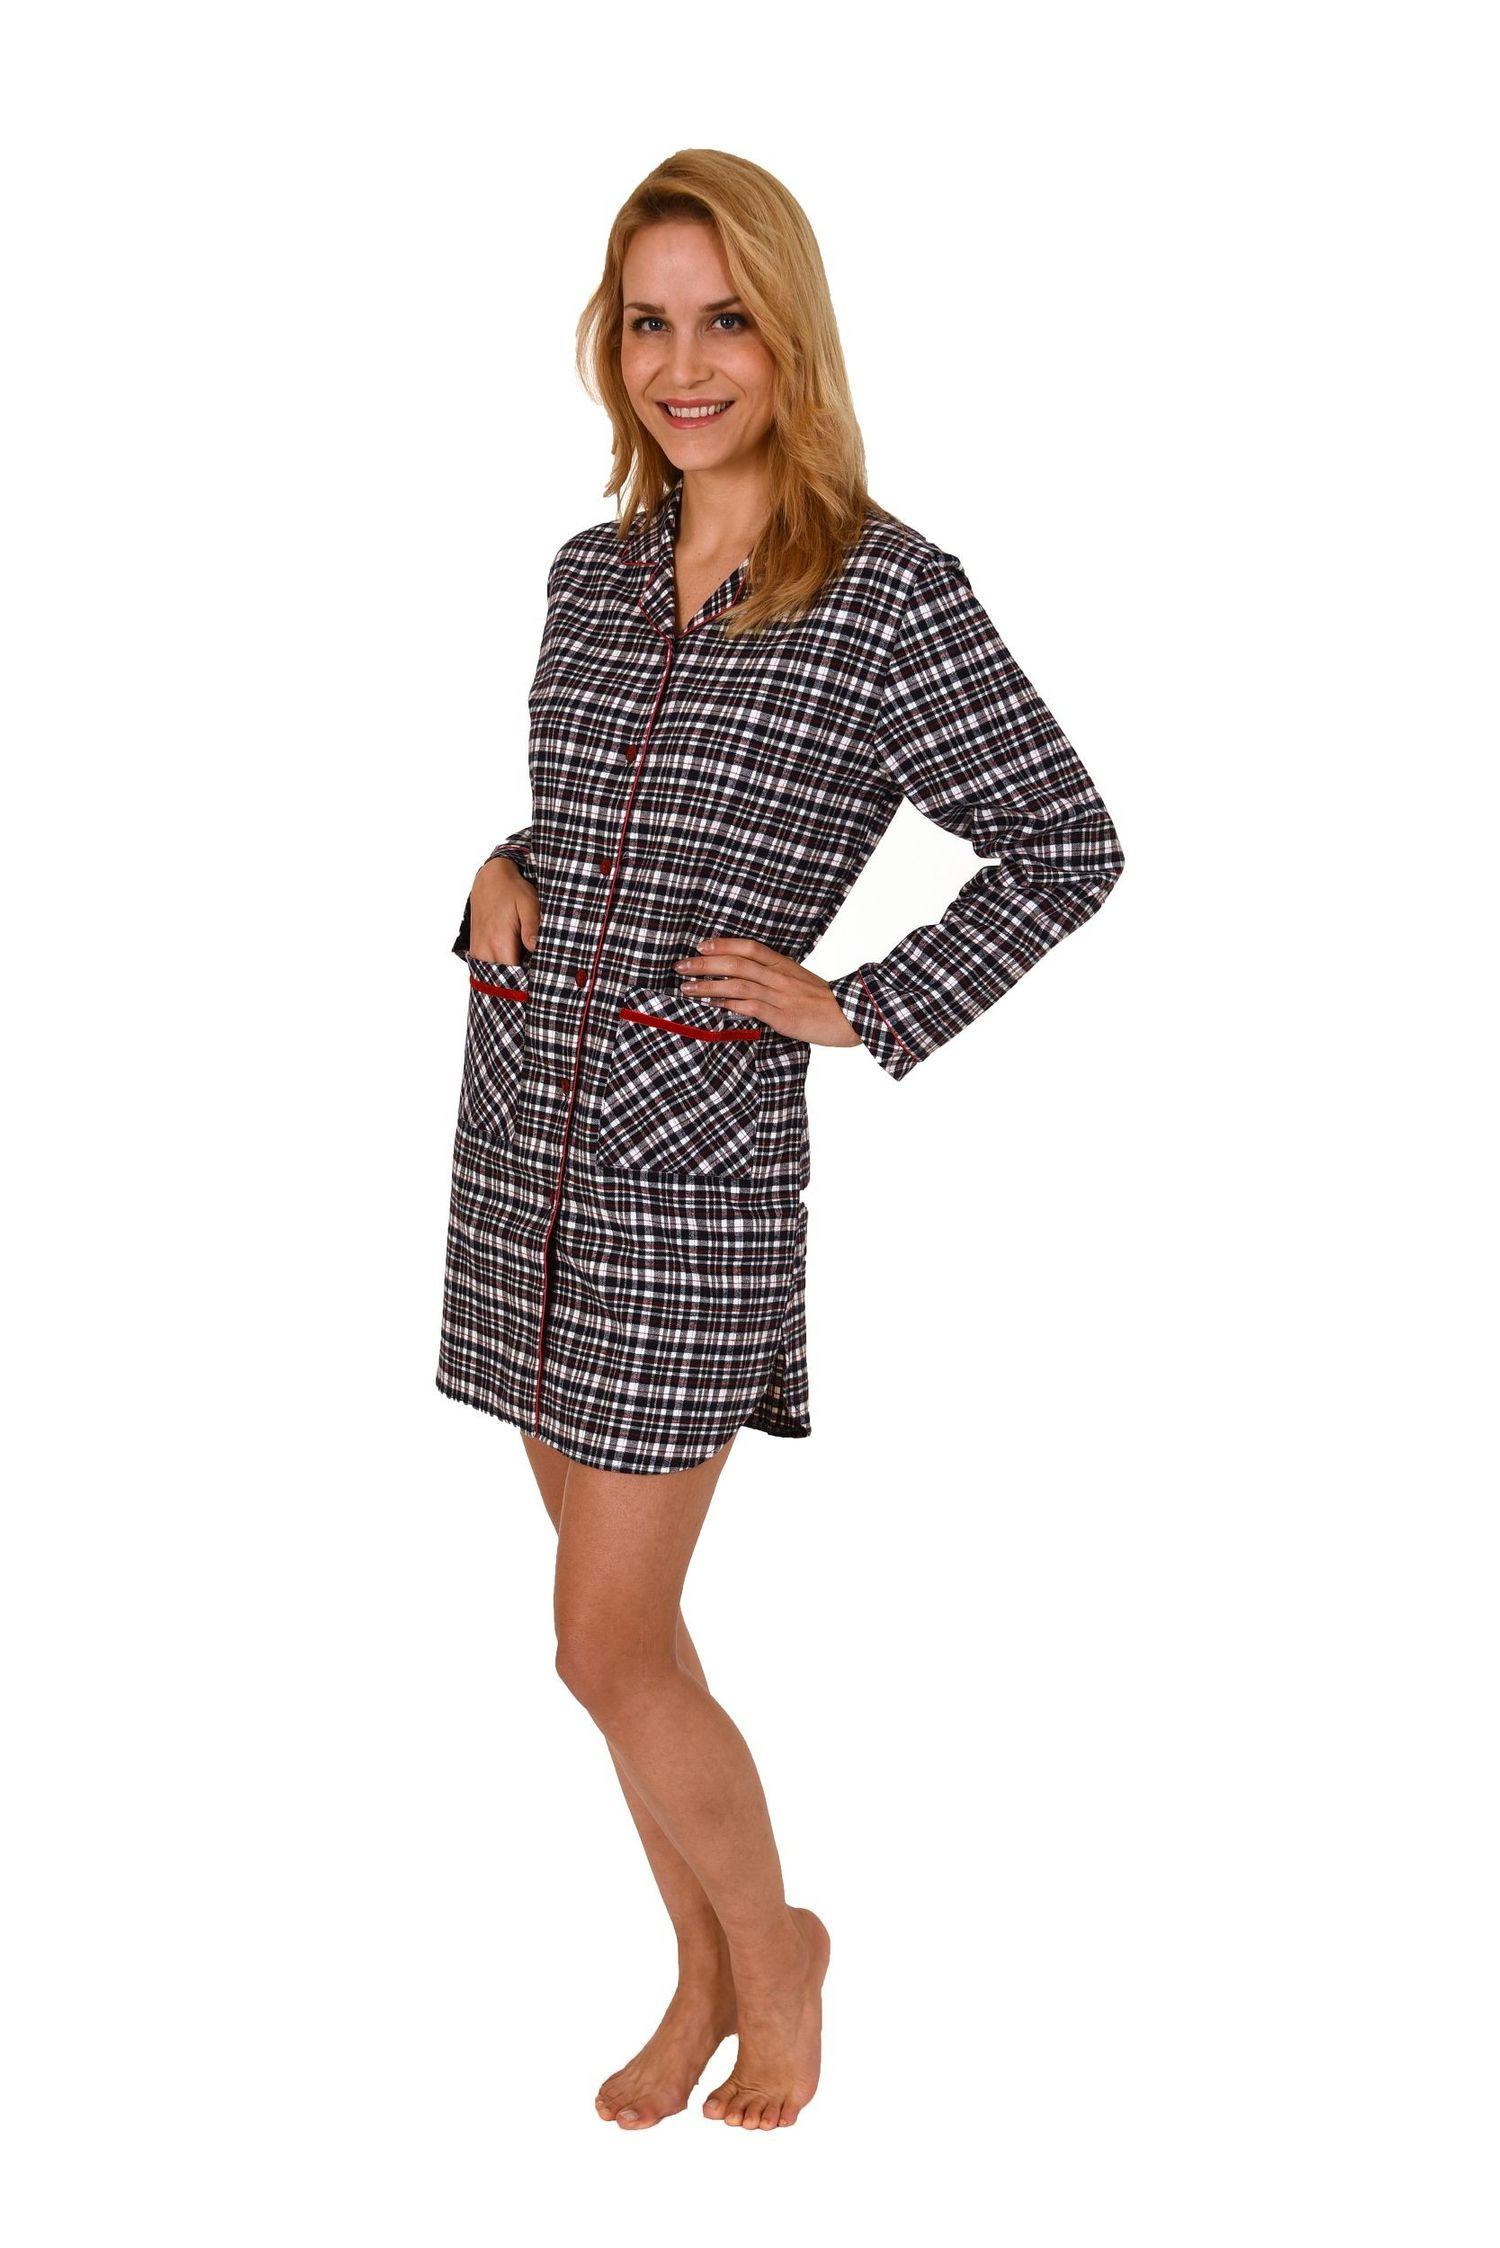 Damen Flanell Nachthemd langarm im Karo Design mit aufgesetzten Taschen – 271 213 95 002